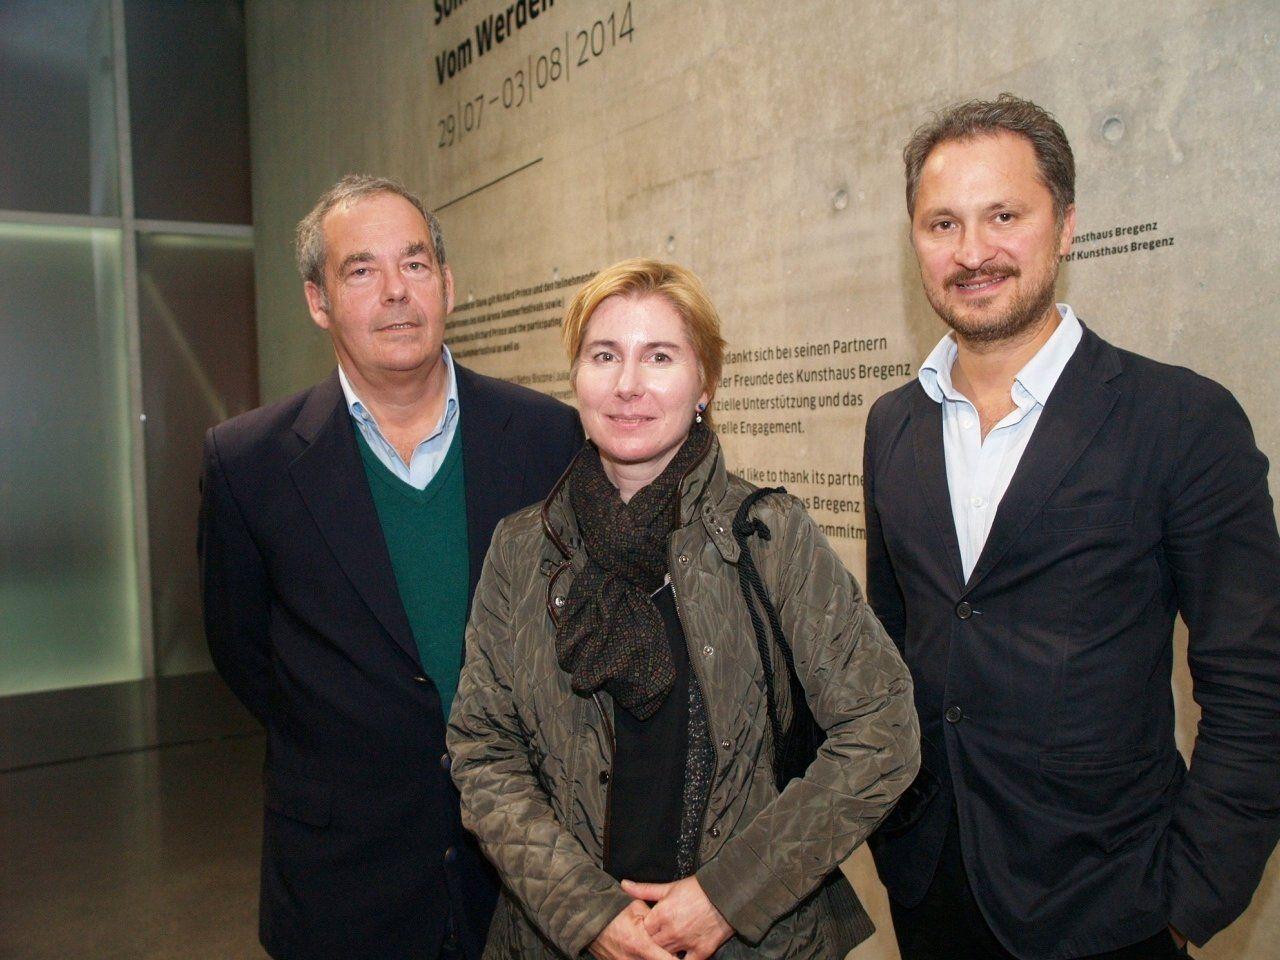 Künstlerin Miriam Prantl mit dem Kurator Rudolf Sagmeister und Direktor Yilmaz Dziewior bei der Vernissage im Kunsthaus Bregenz.